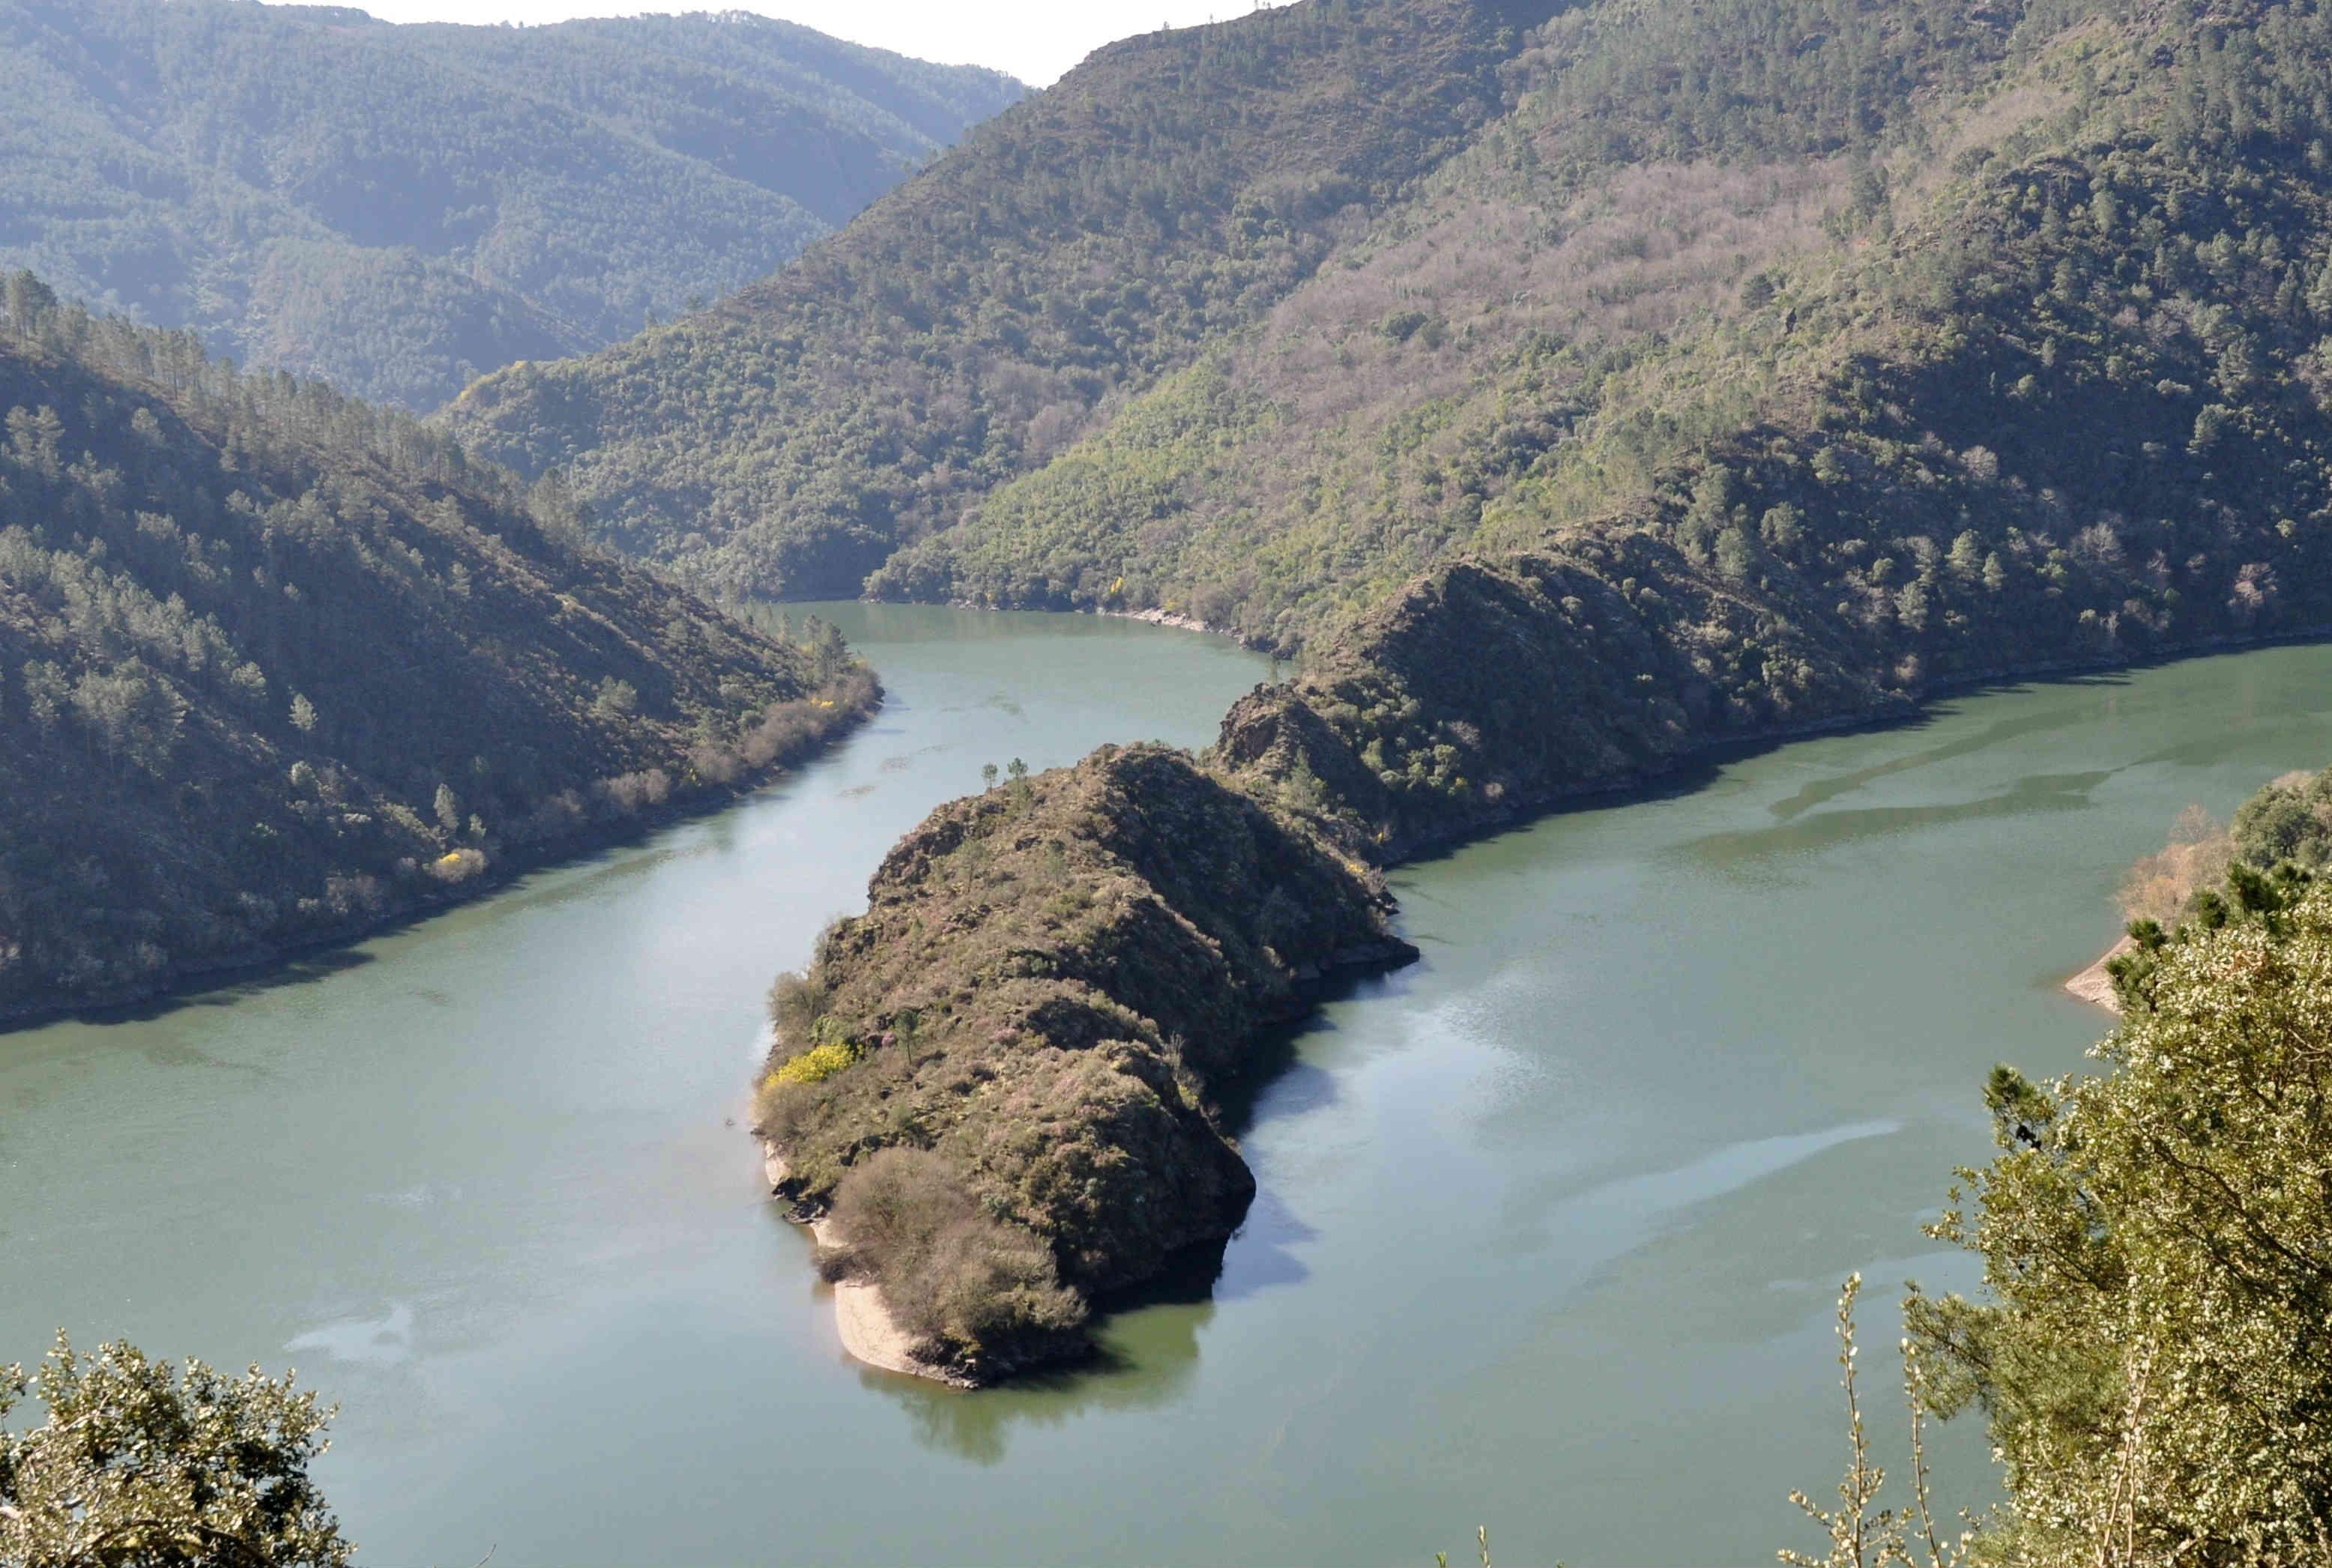 O meandro da Cubela, no río Sil